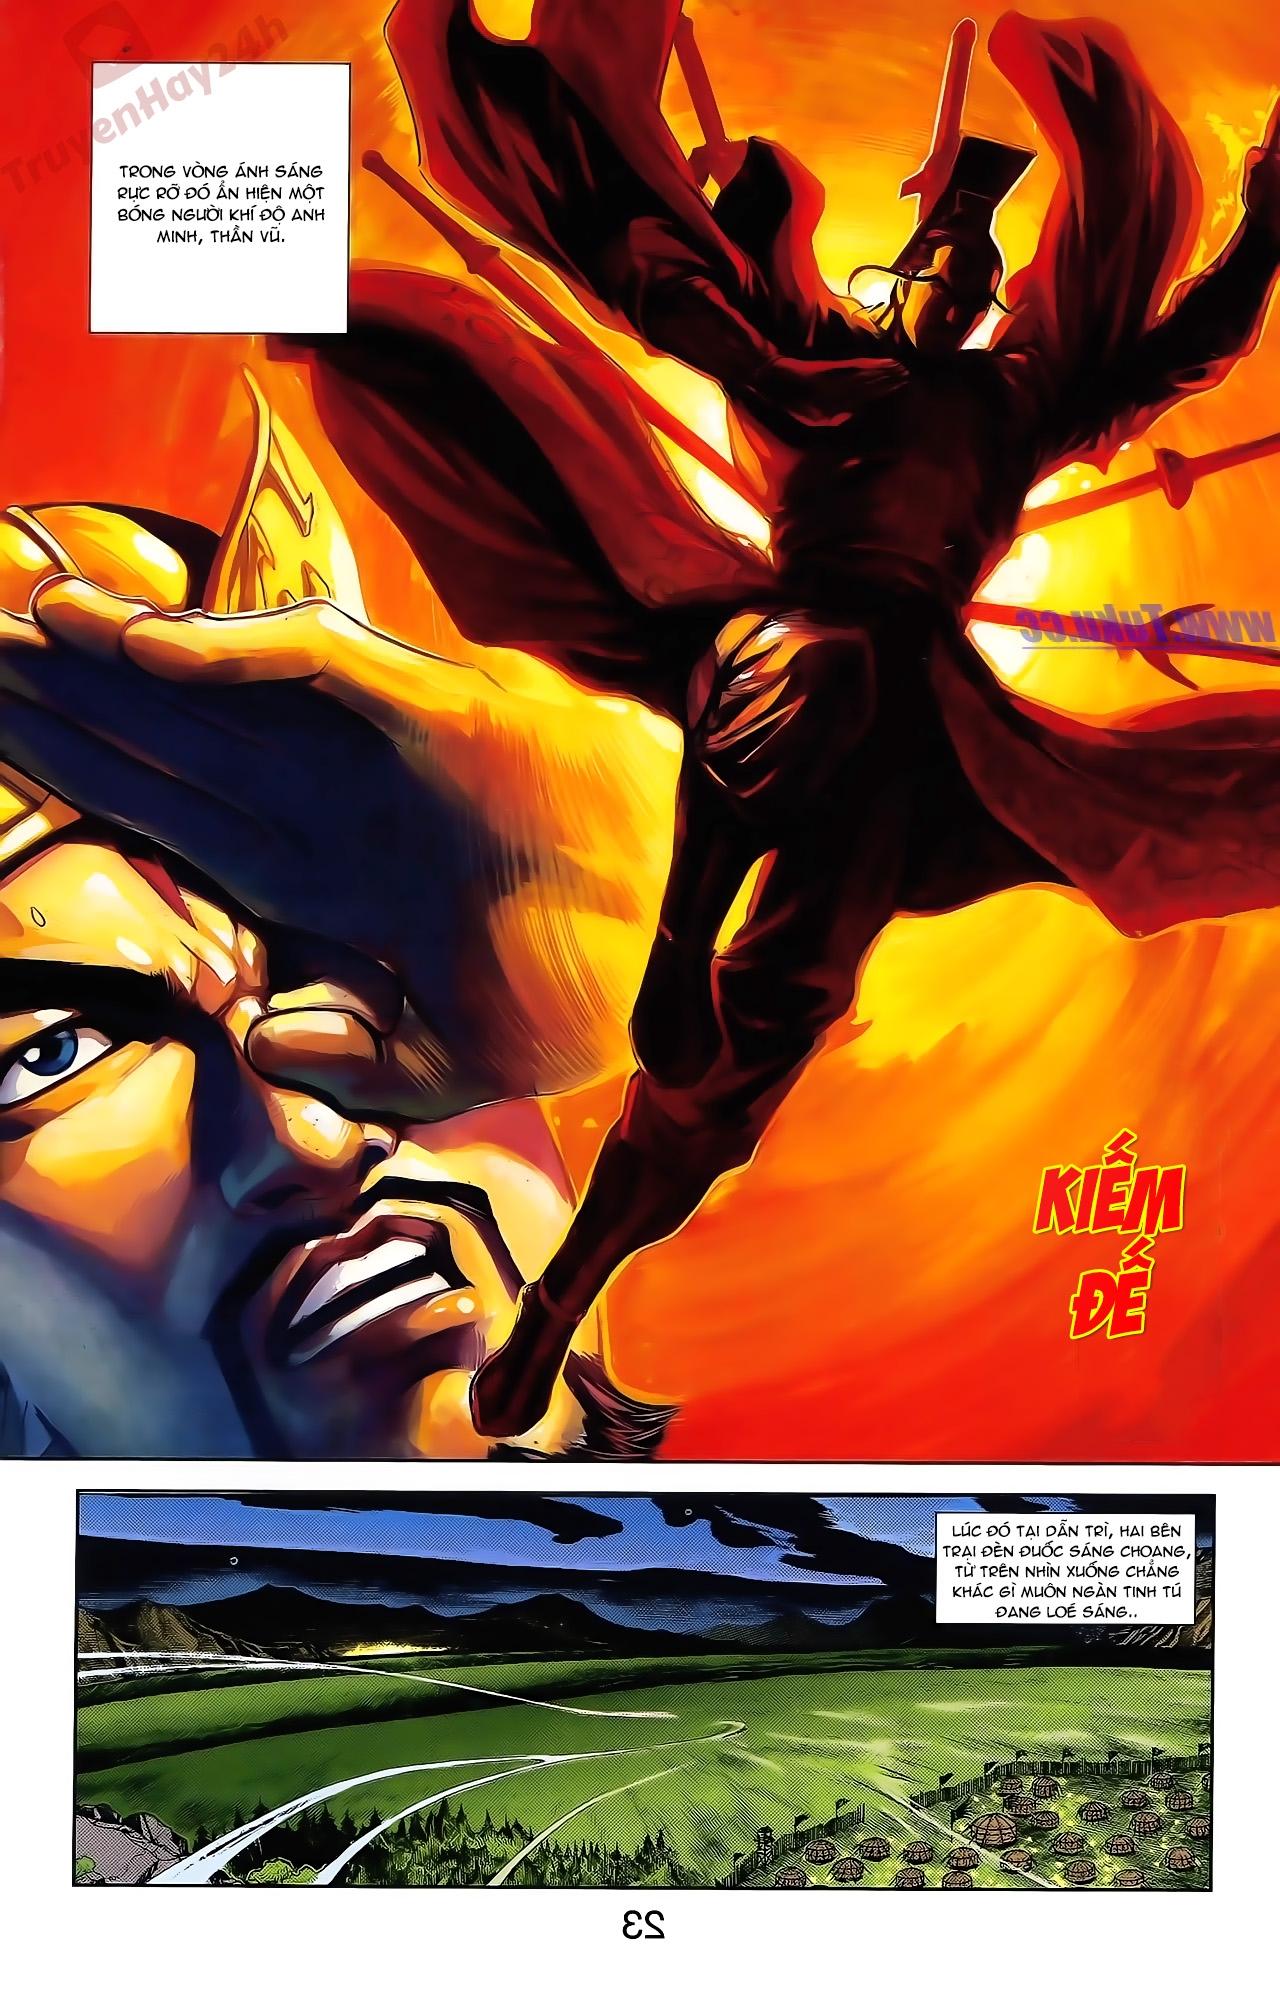 Tần Vương Doanh Chính chapter 48 trang 9